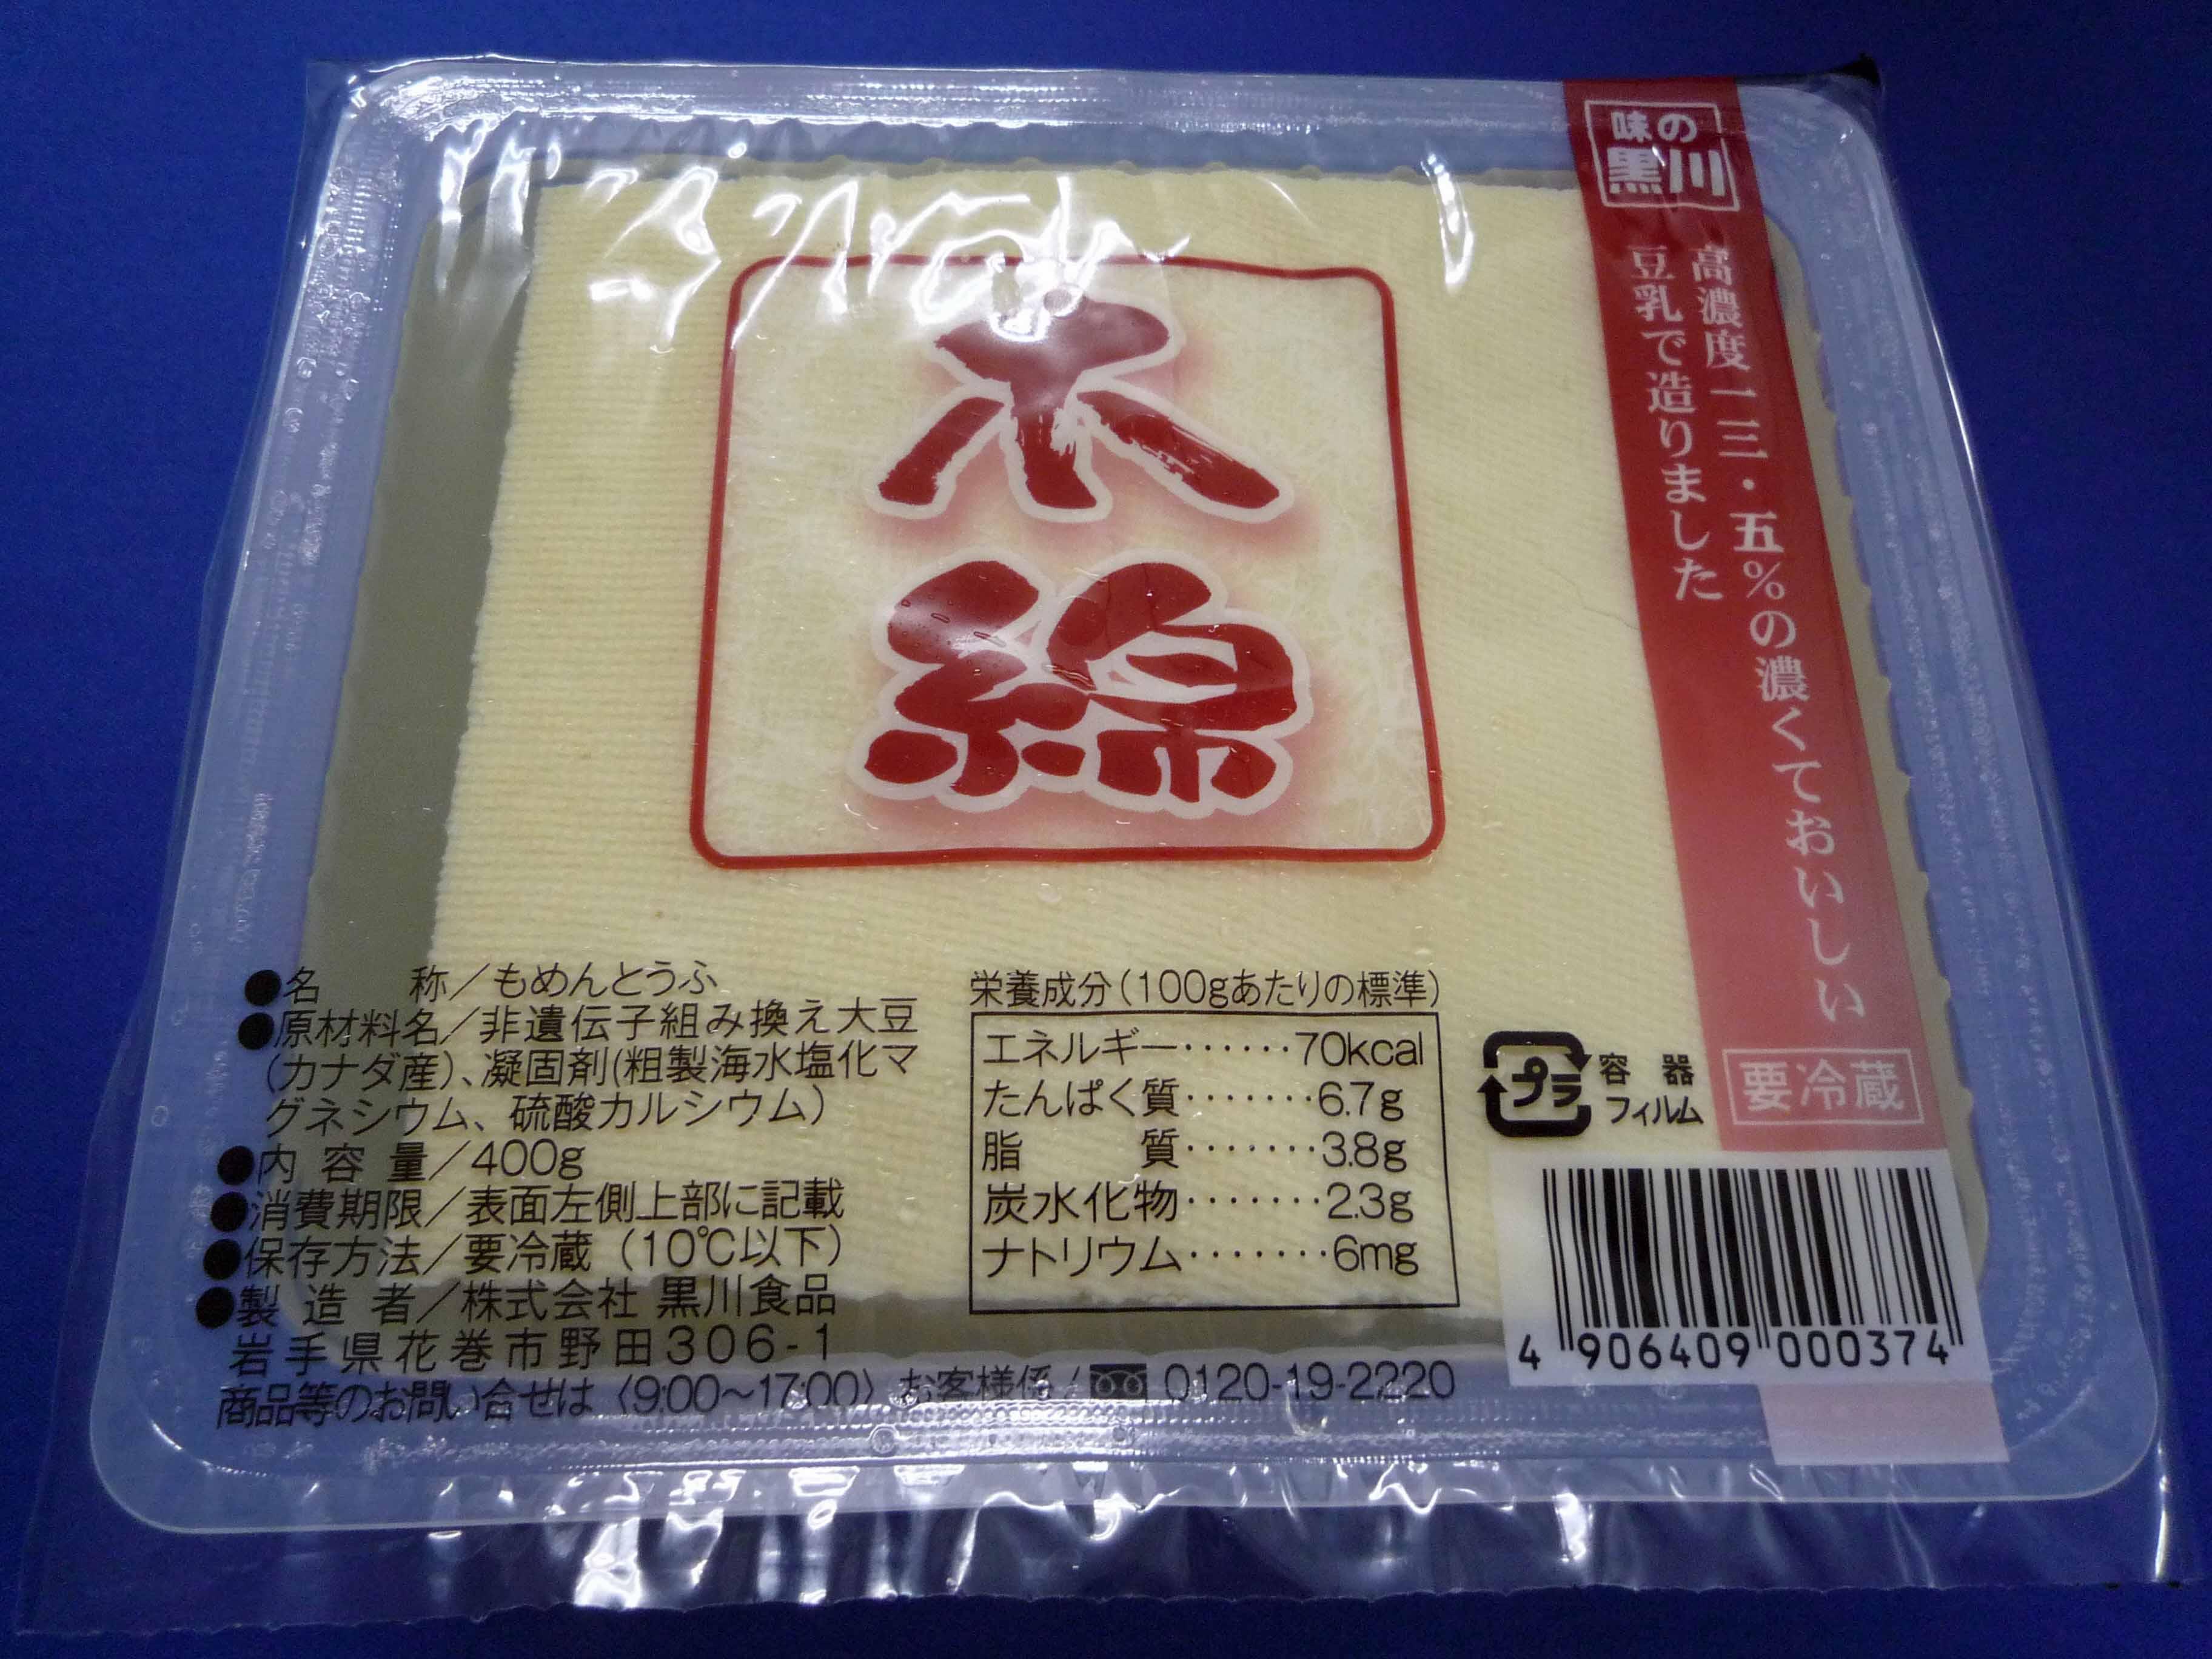 特濃もめん豆腐